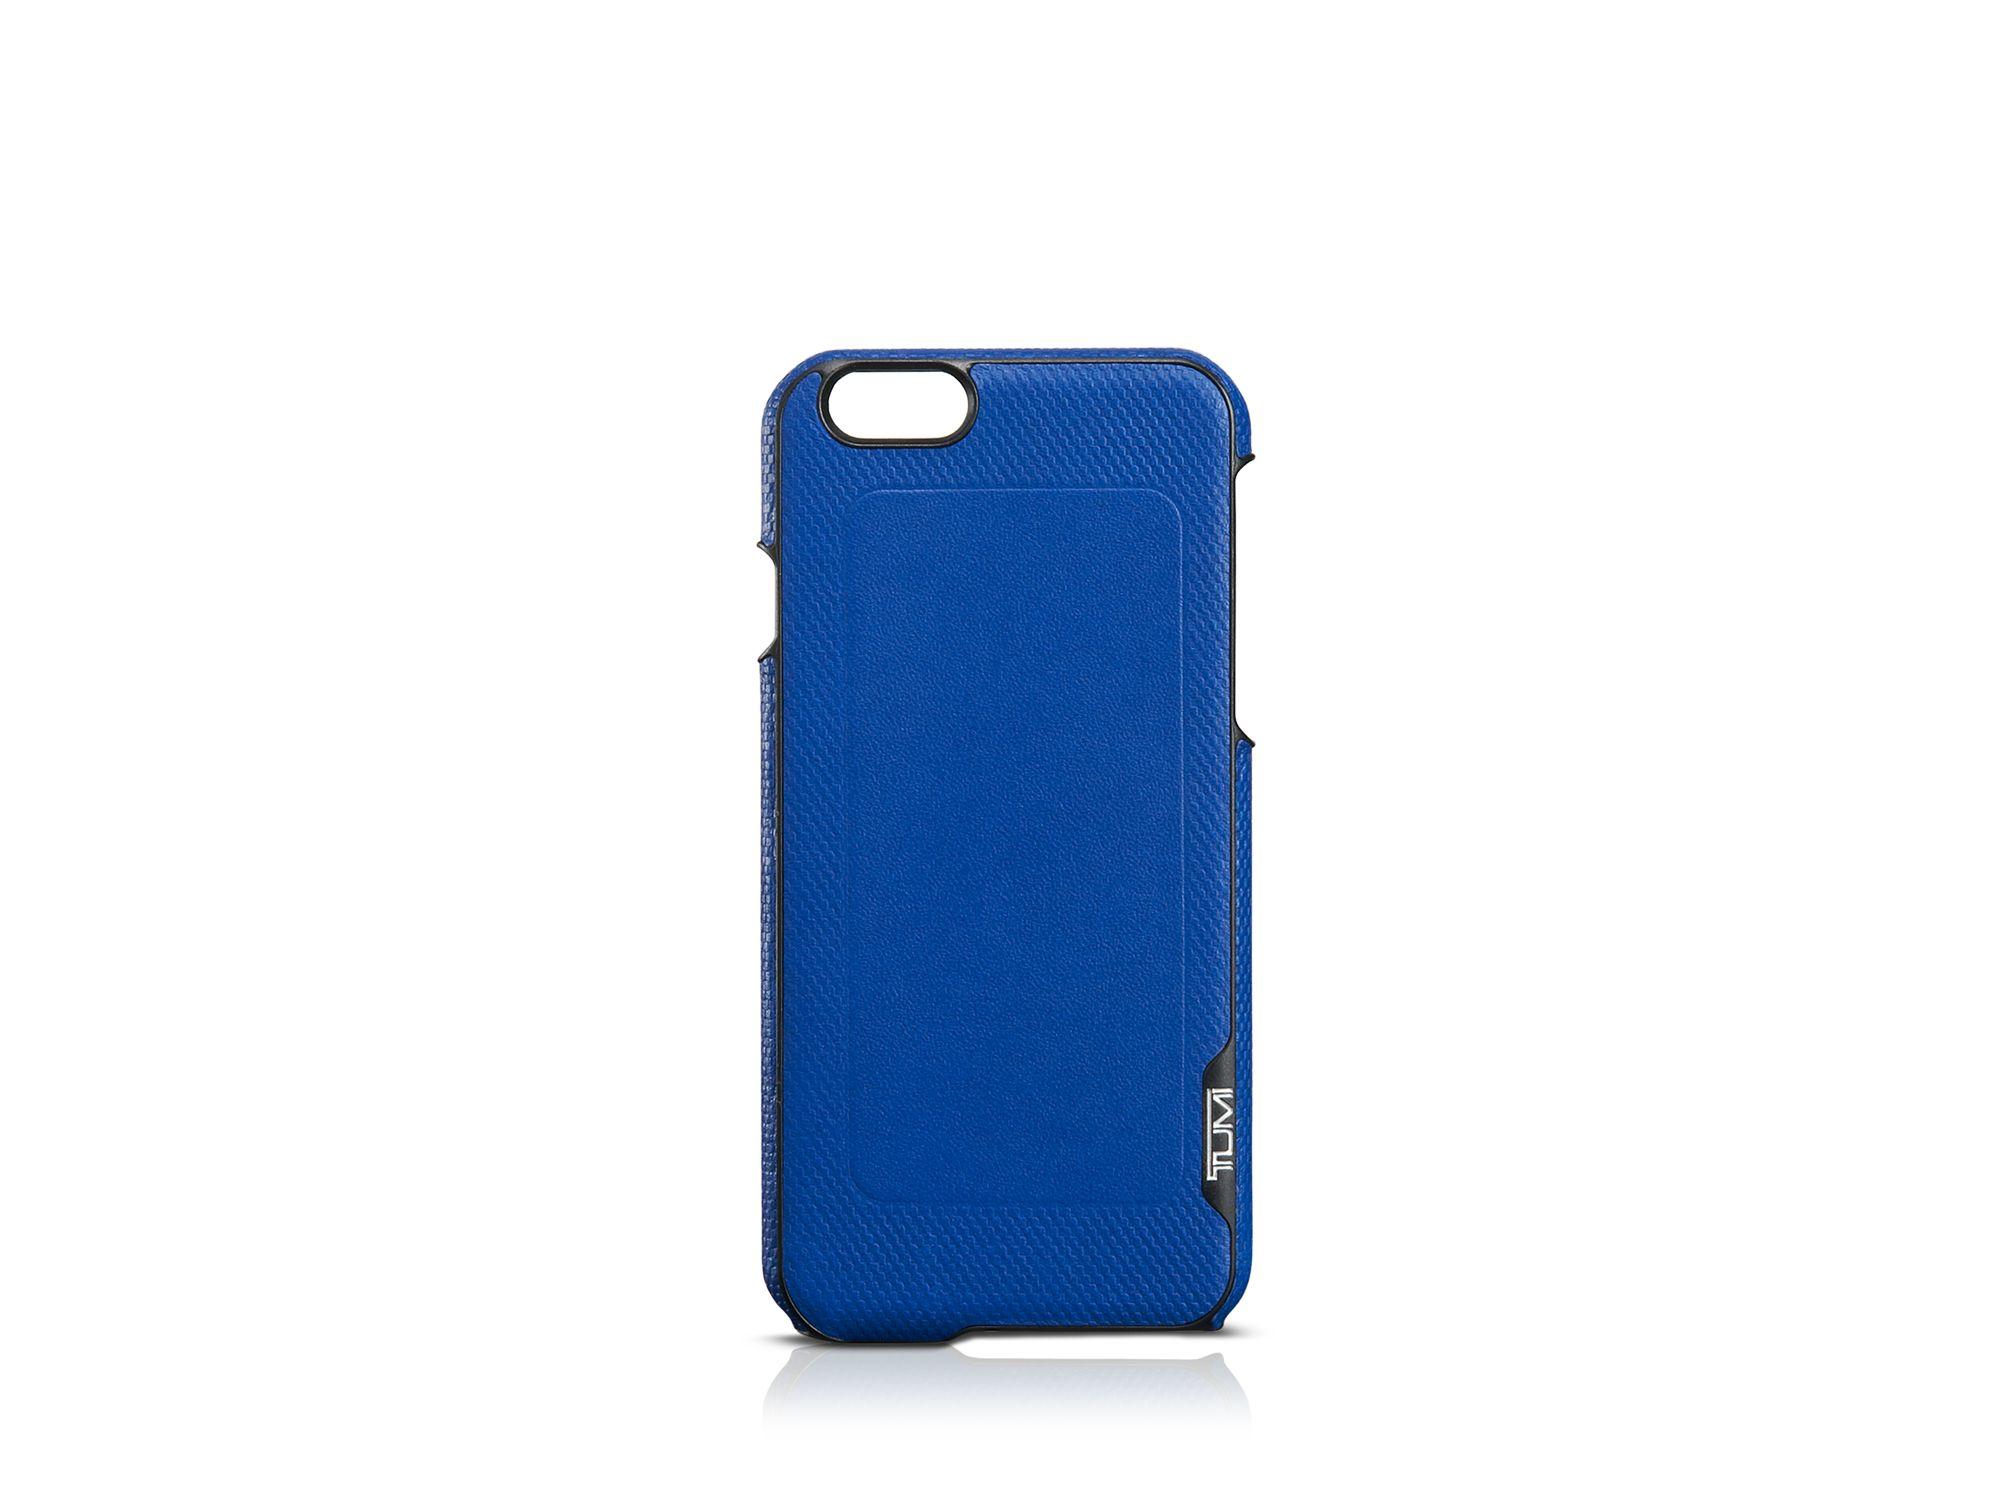 Tumi Iphone S Plus Case